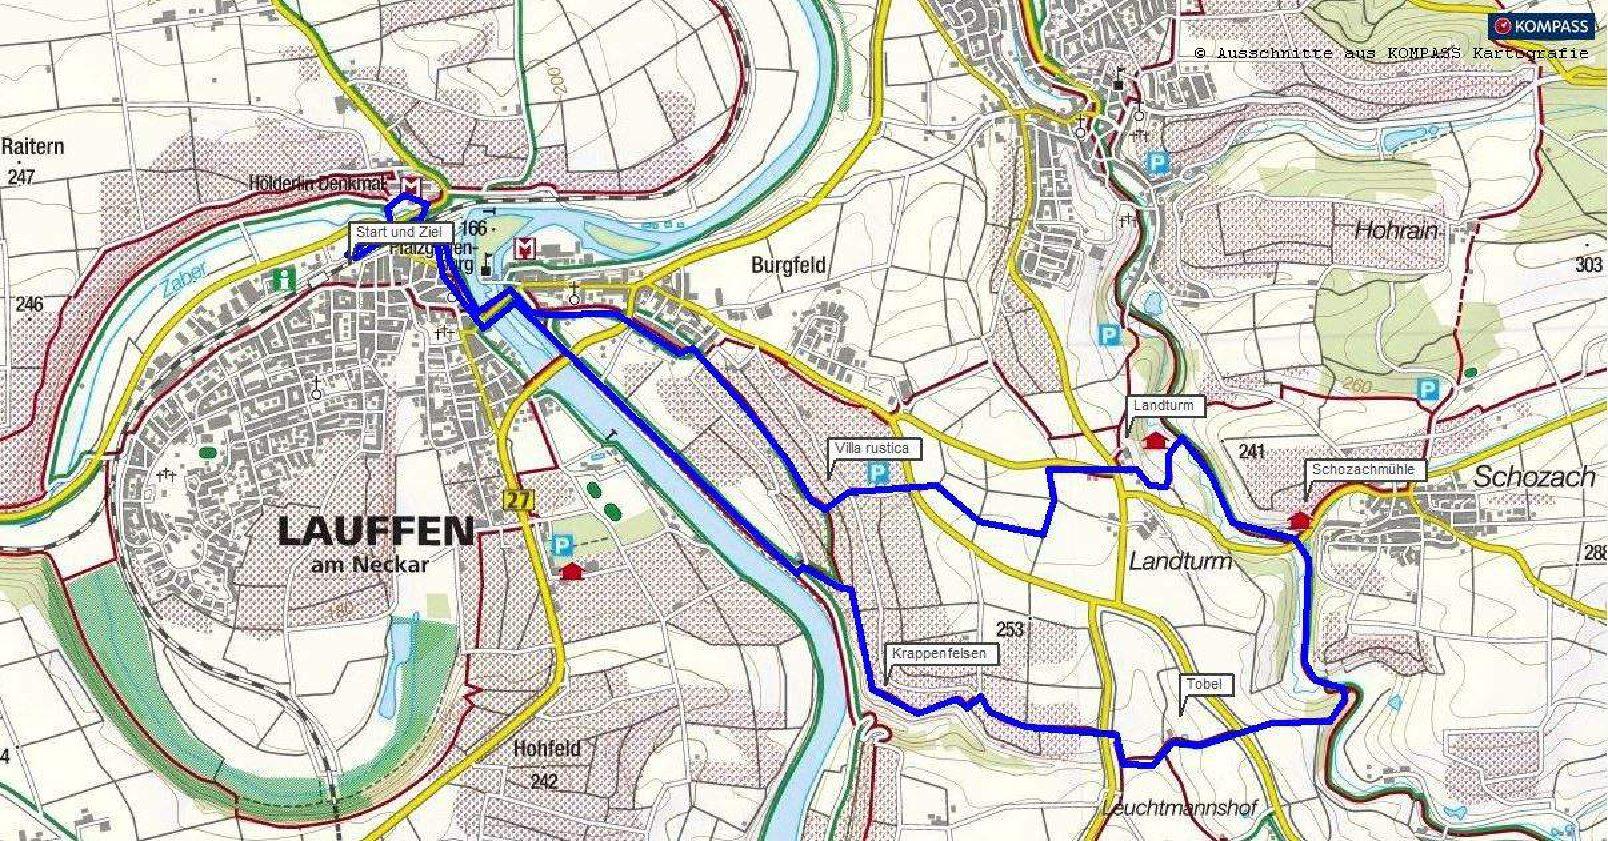 Wanderwege Deutschland Karte.Rundwanderung Lauffen Am Neckar Schozachmühle Krappenfelsen